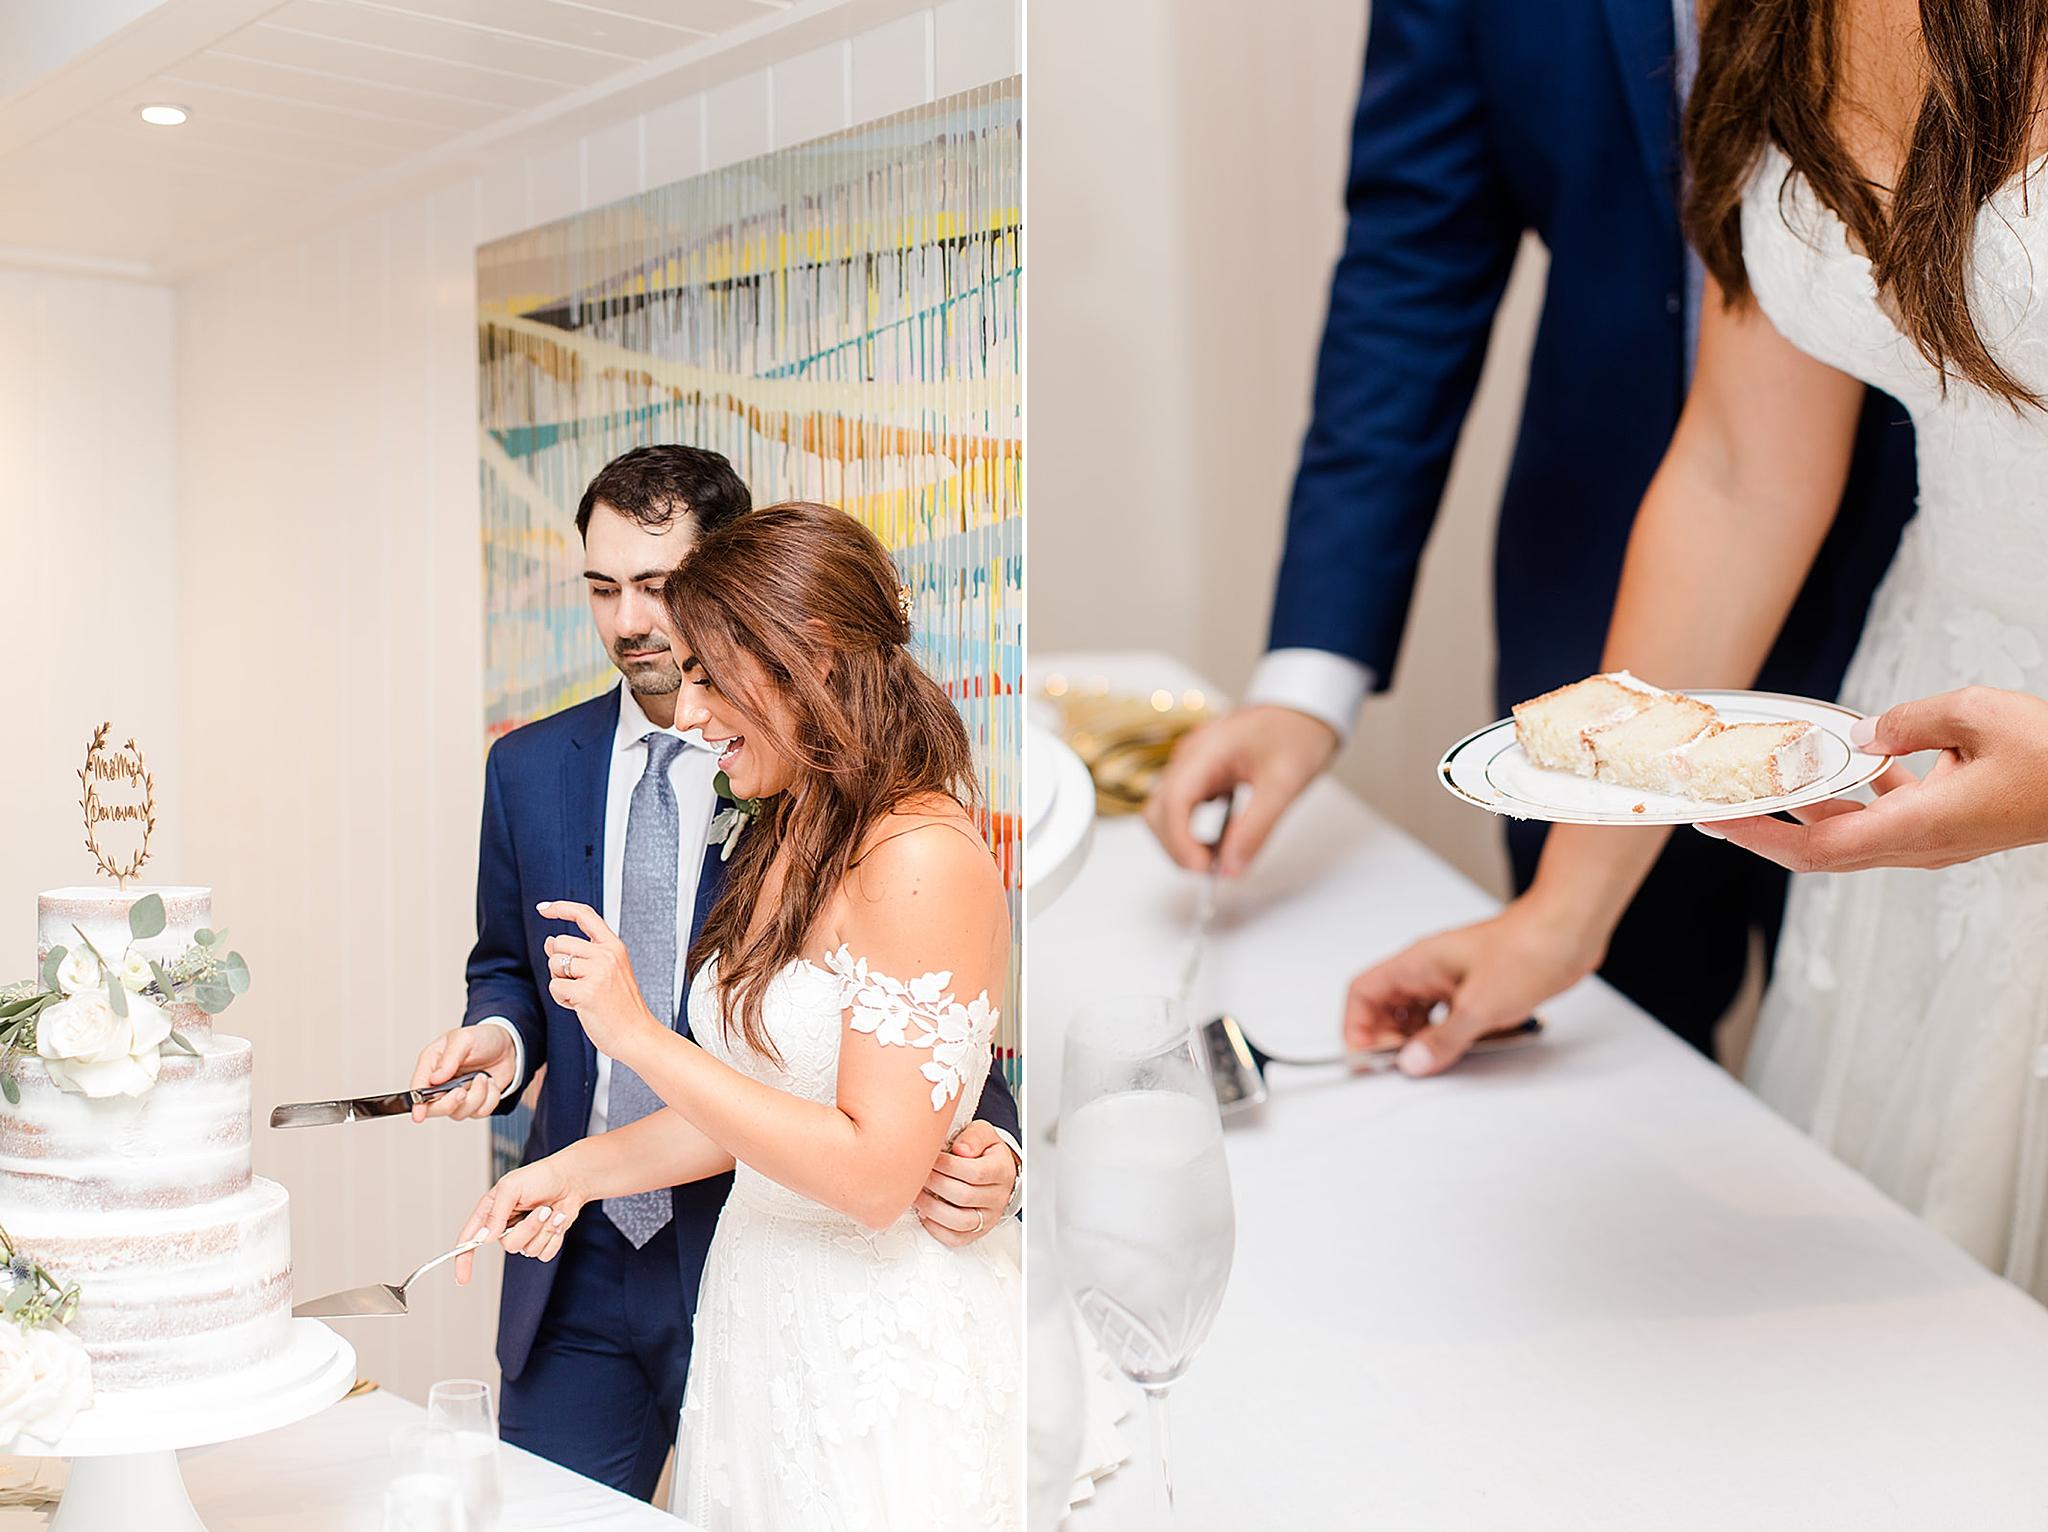 bride and groom cut wedding cake in Fairhope AL